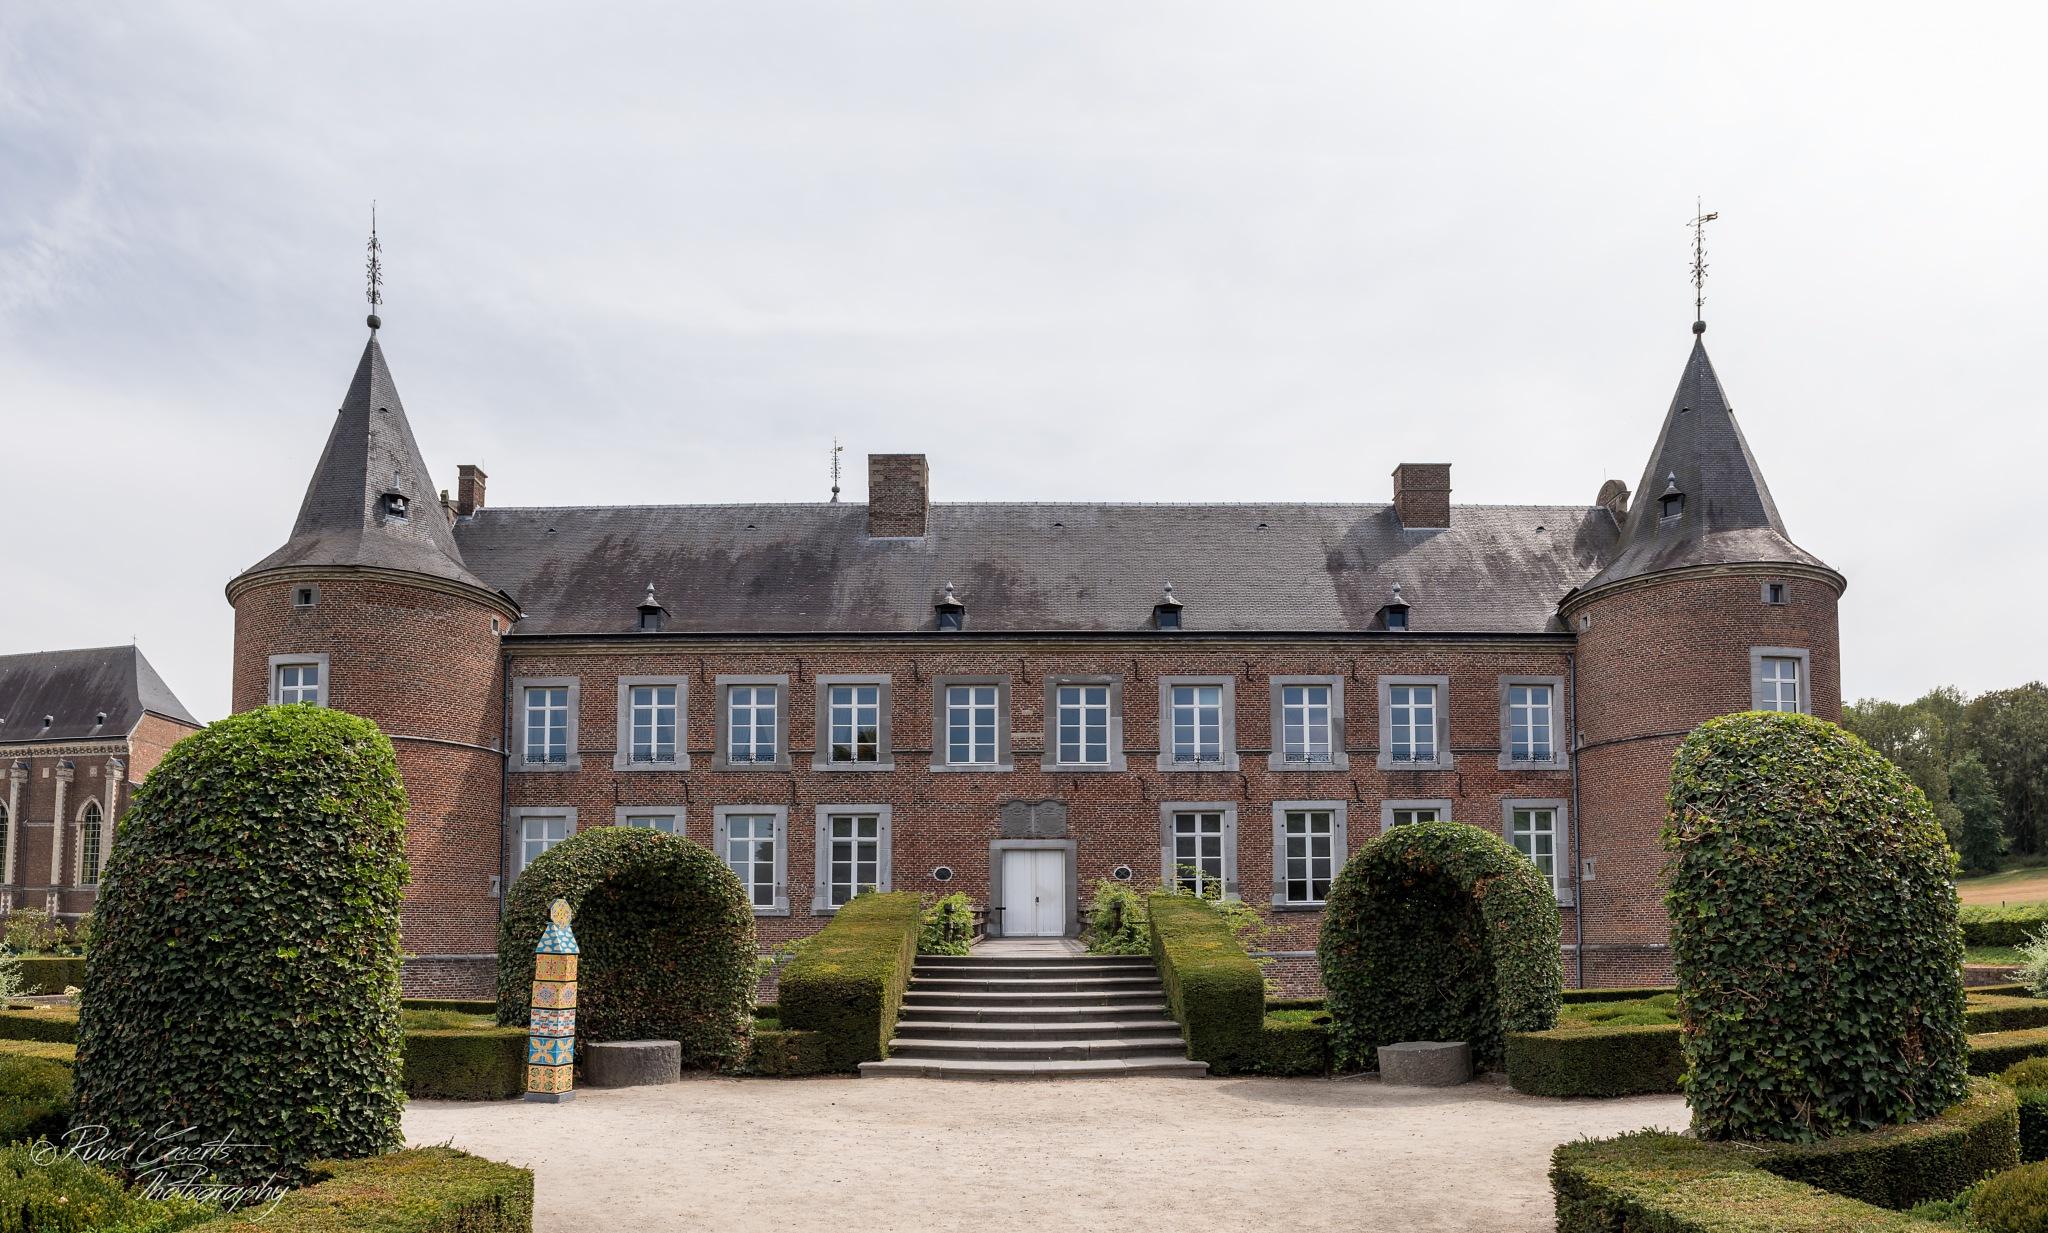 Landcommanderij Alden Biesen by Ruud Geerts